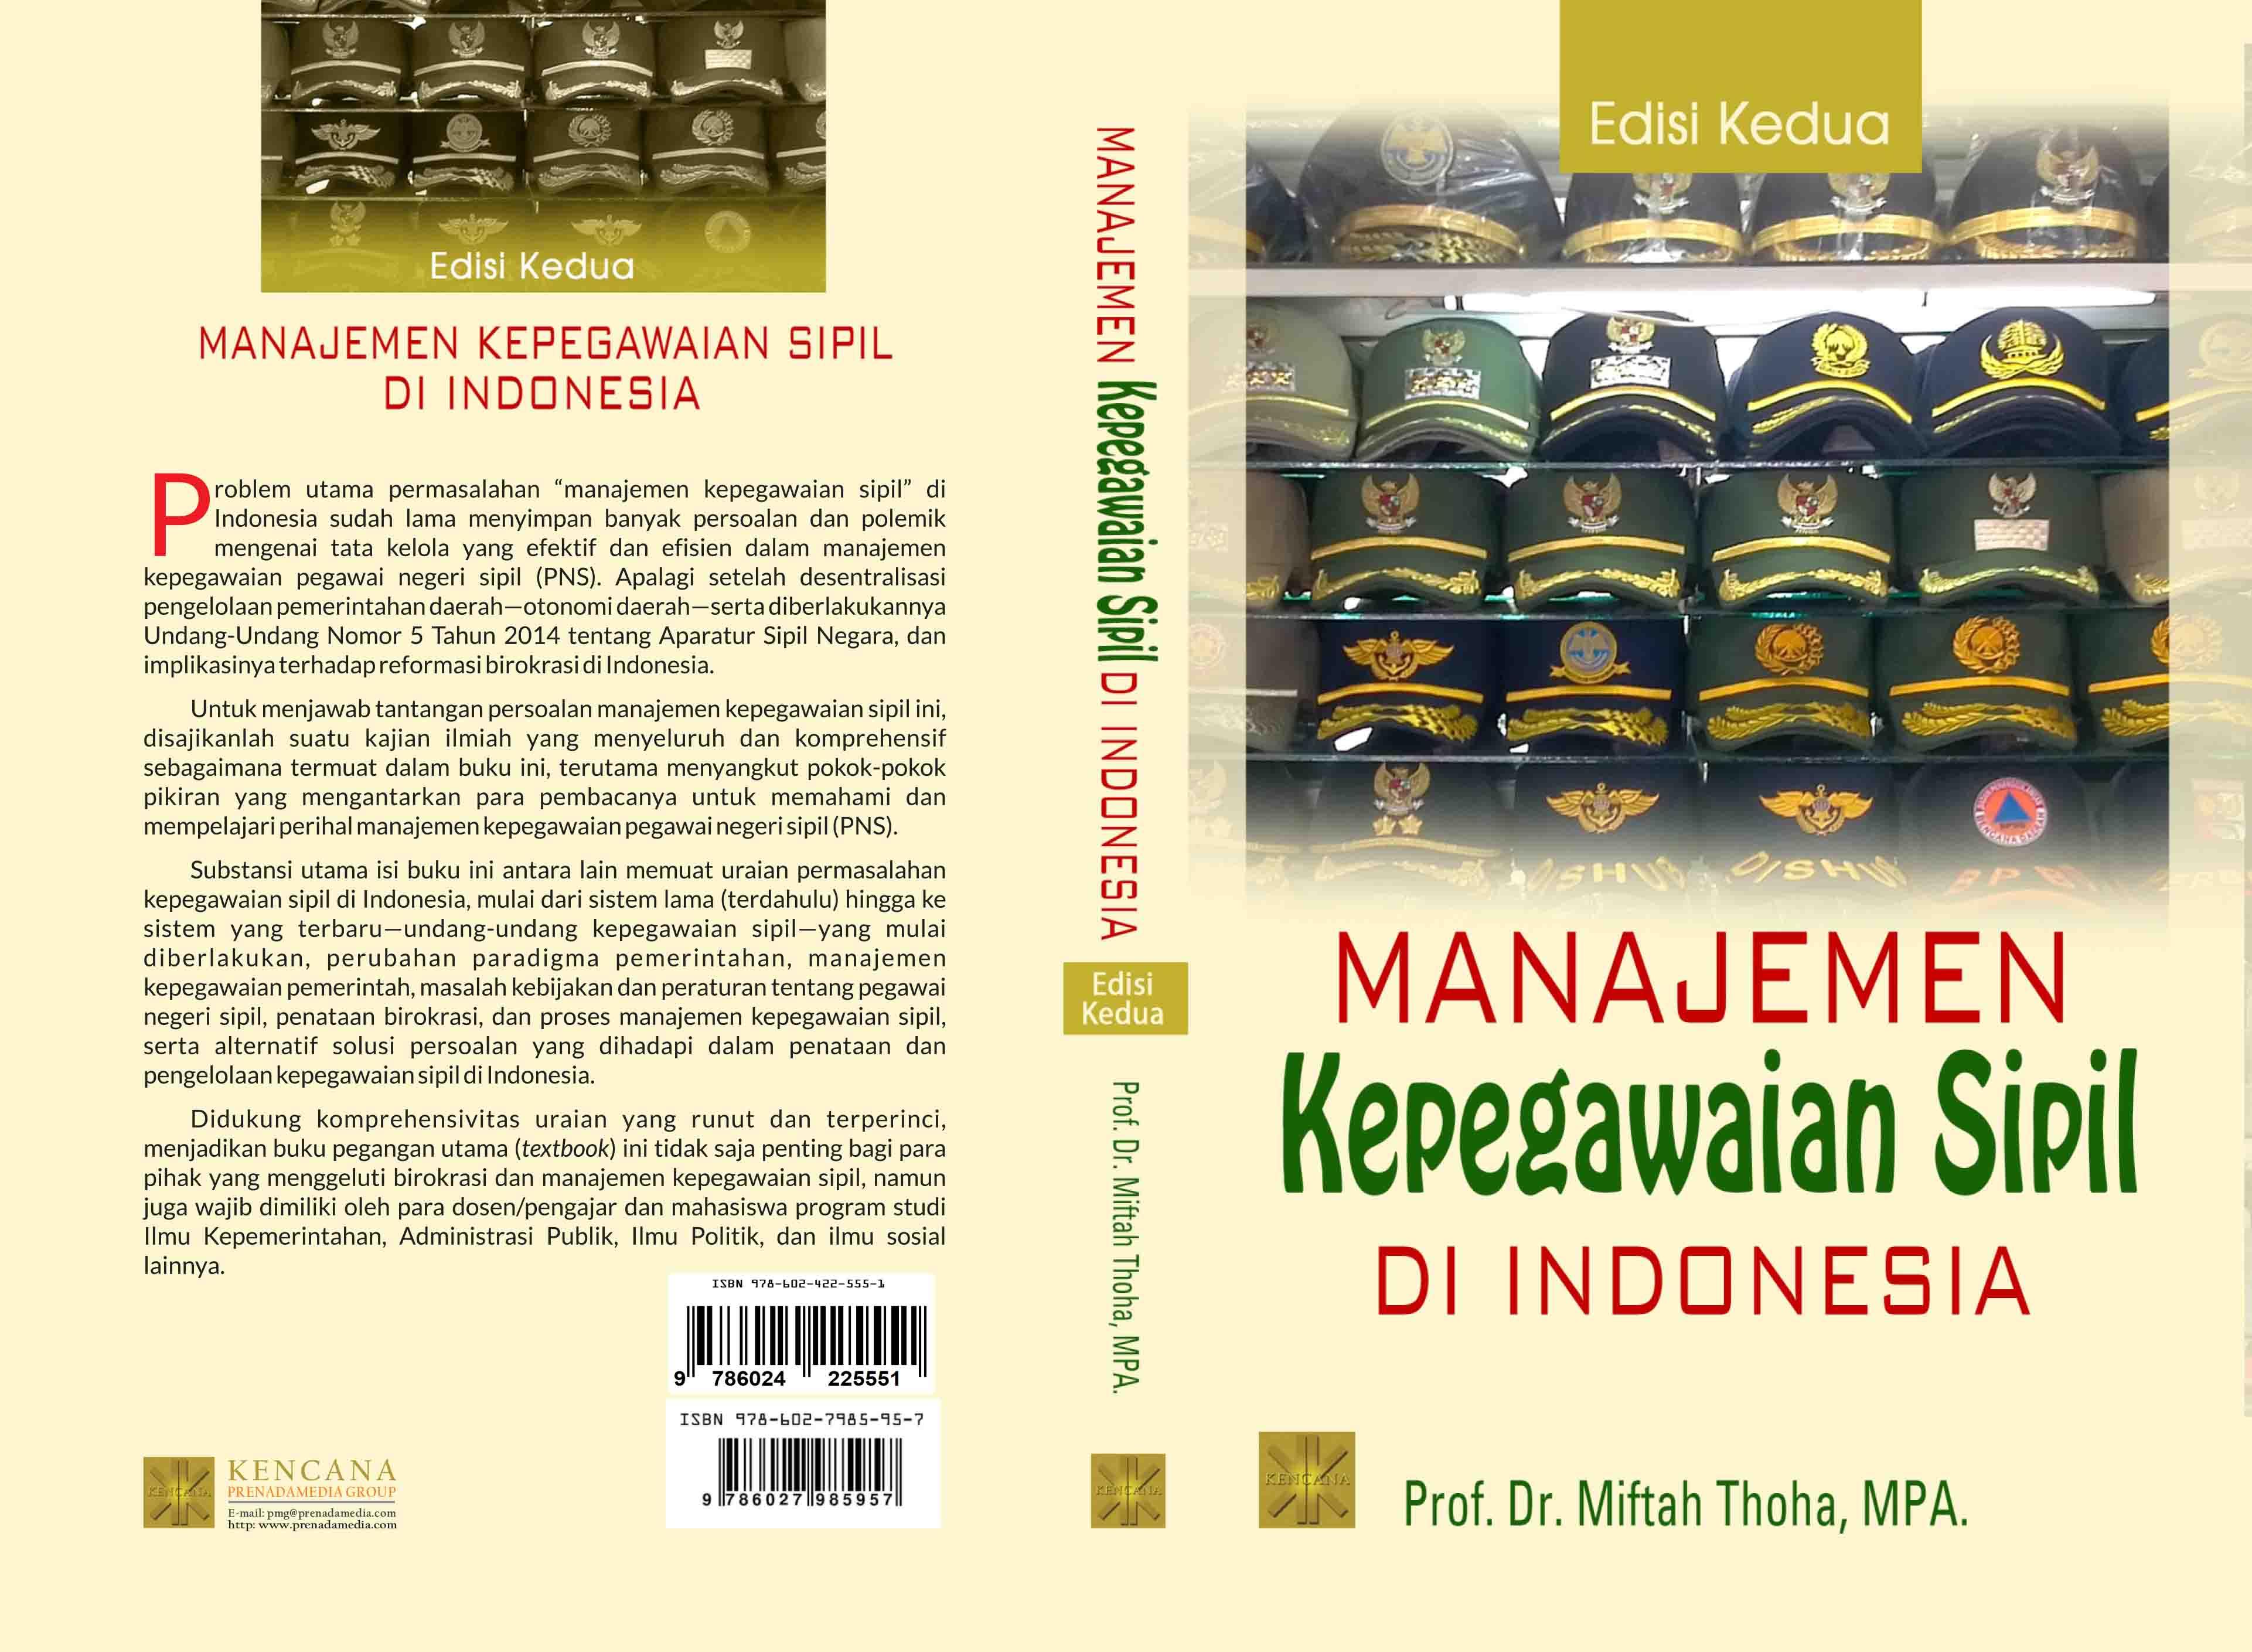 Manajemen kepegawaian sipil di Indonesia [sumber elektronis]